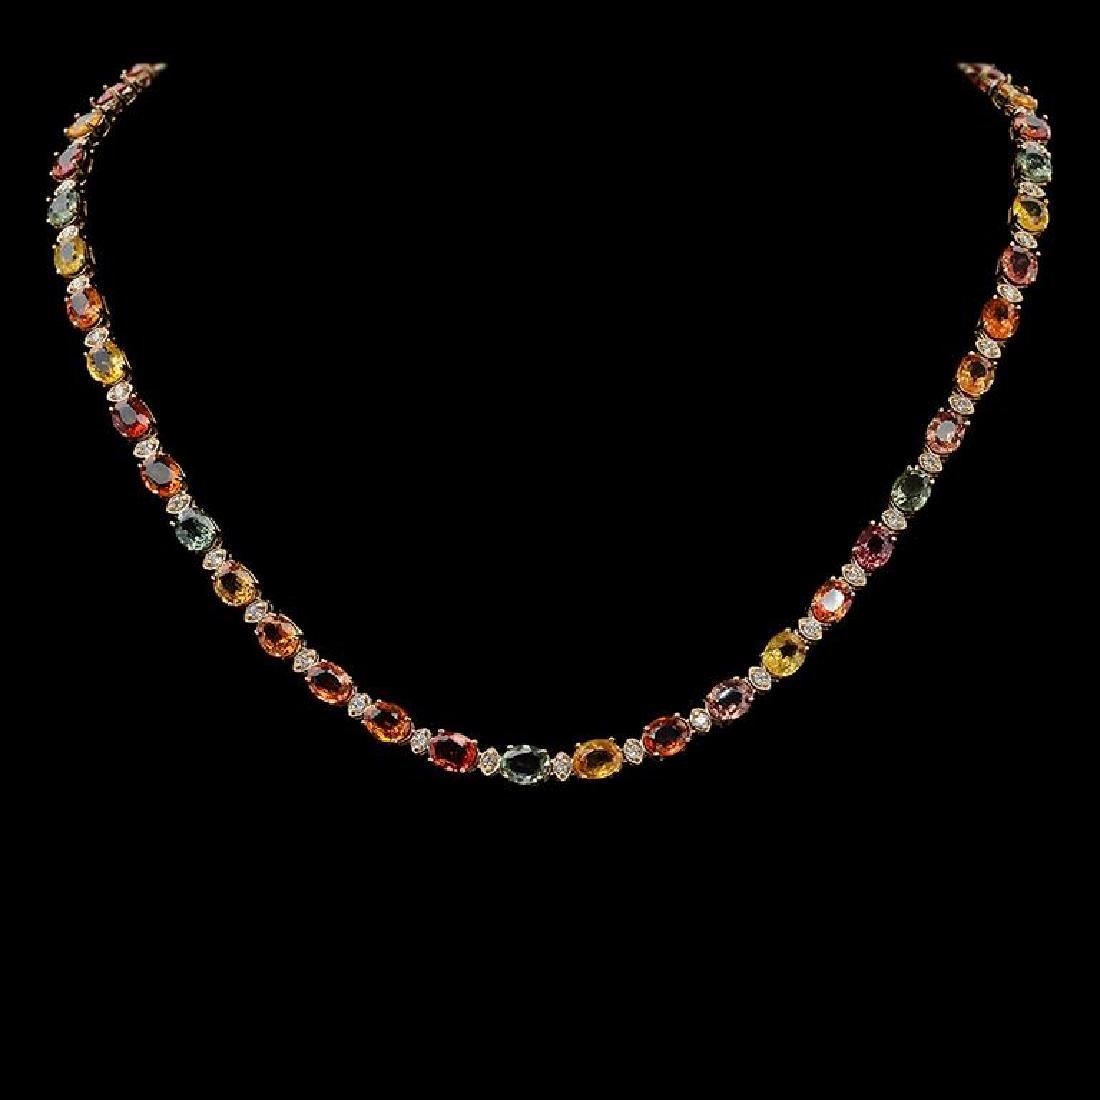 14K Gold 35.35ct Multi Color Sapphire 1.41ct Diamond